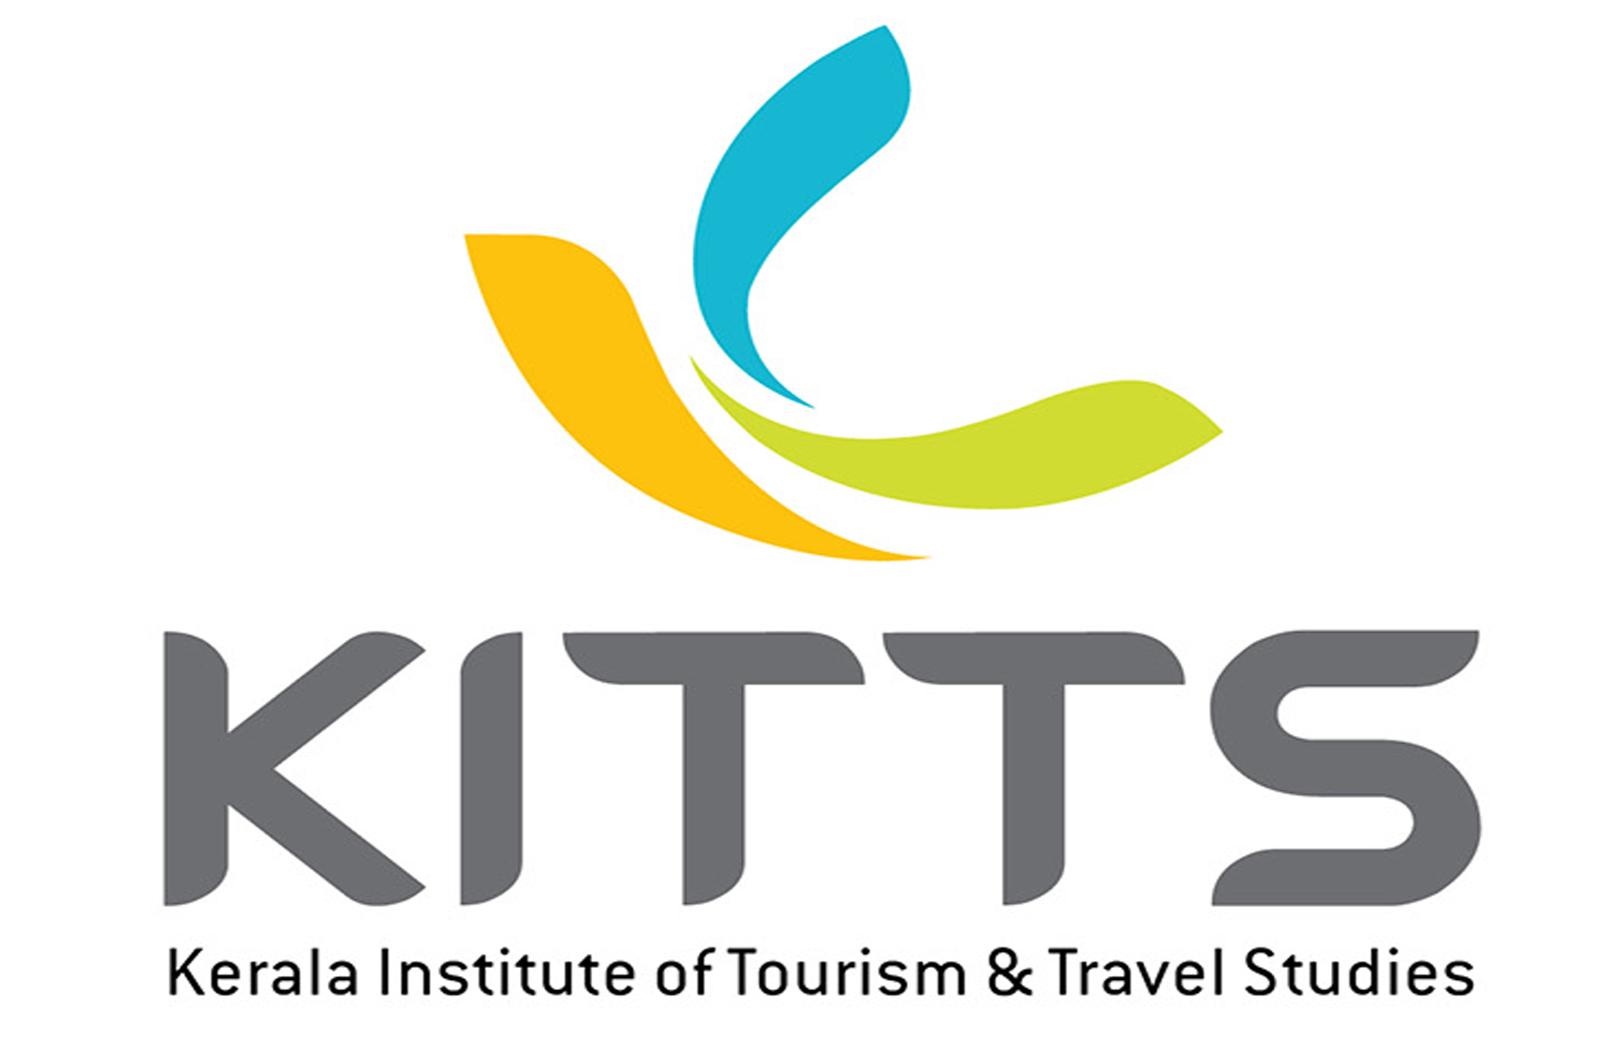 Kerala Institute of Tourism and Travel Studies, Thiruvananthapuram